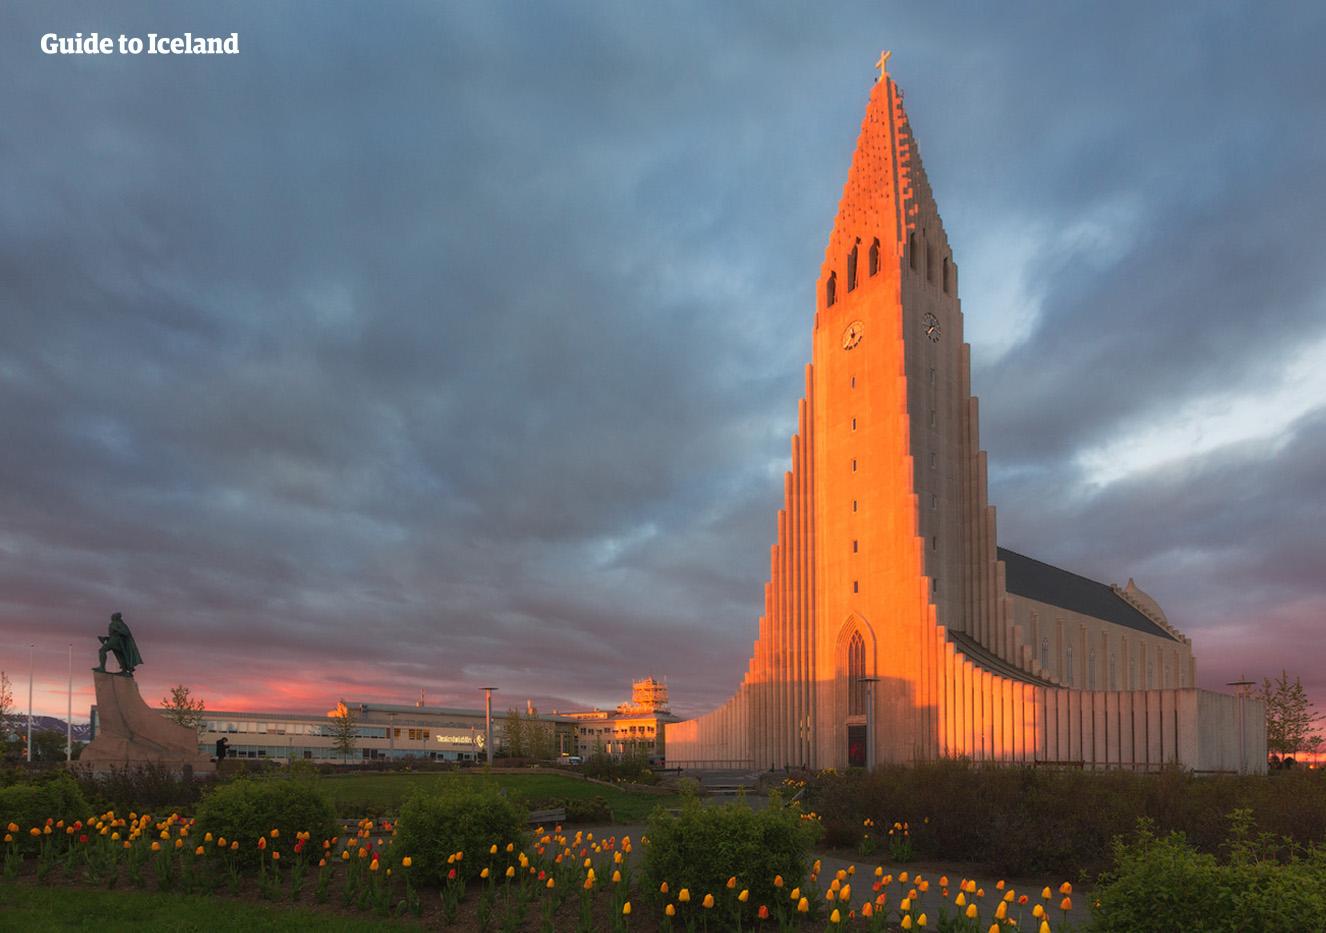 La majestuosa iglesia Hallgrímskirkja en Reikiavik, bañada por el cálido resplandor del sol de medianoche.